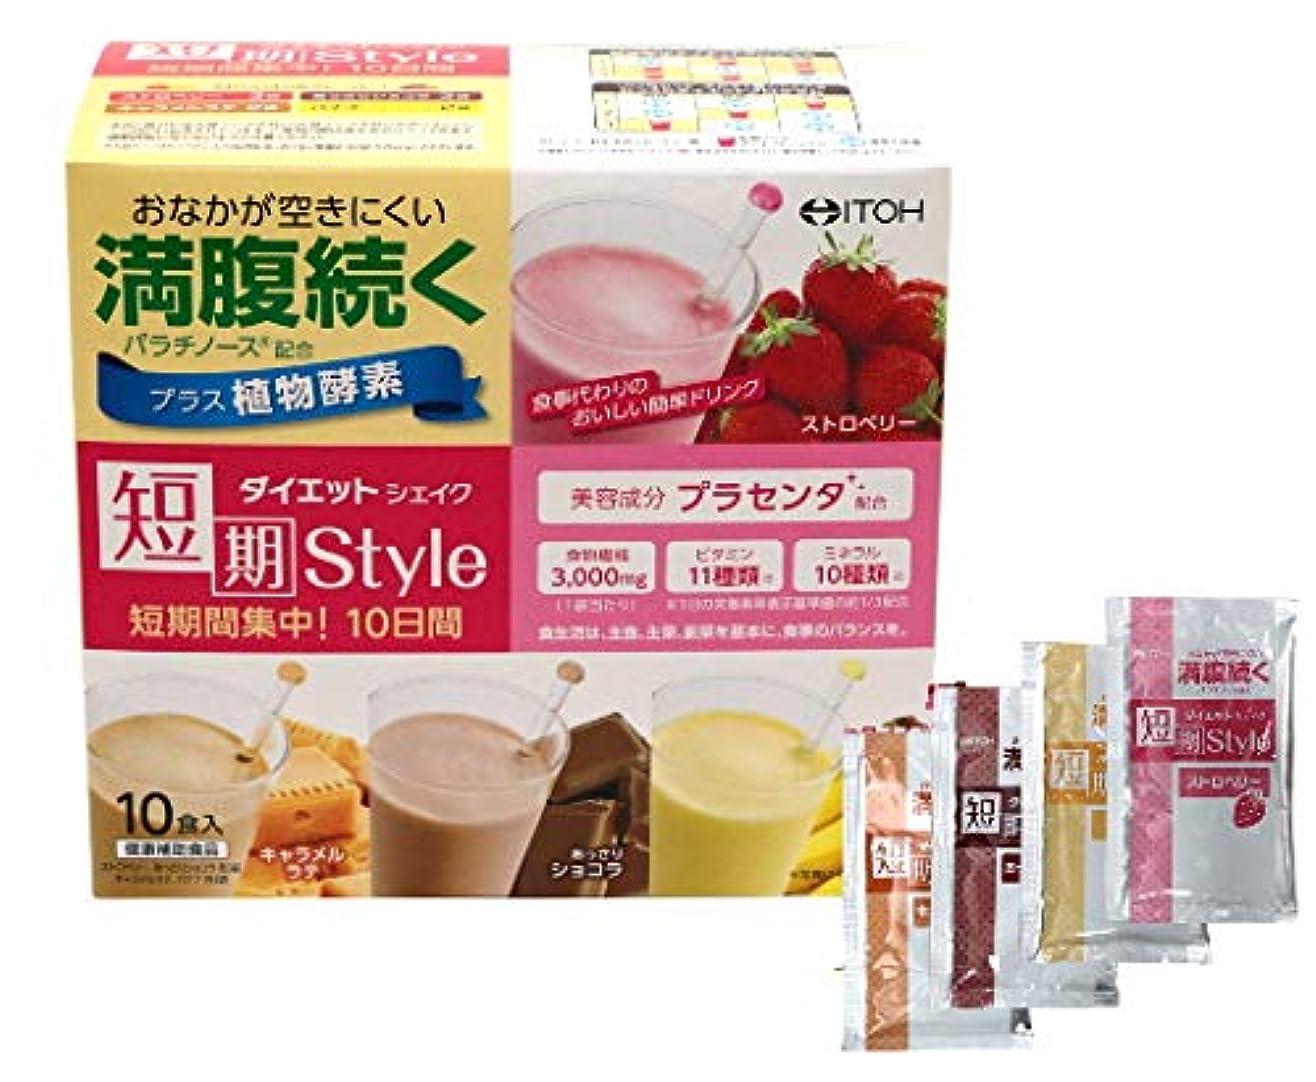 首相減らす枯渇する井藤漢方 短期スタイル ダイエットシェイク(25g×10袋)2個セット